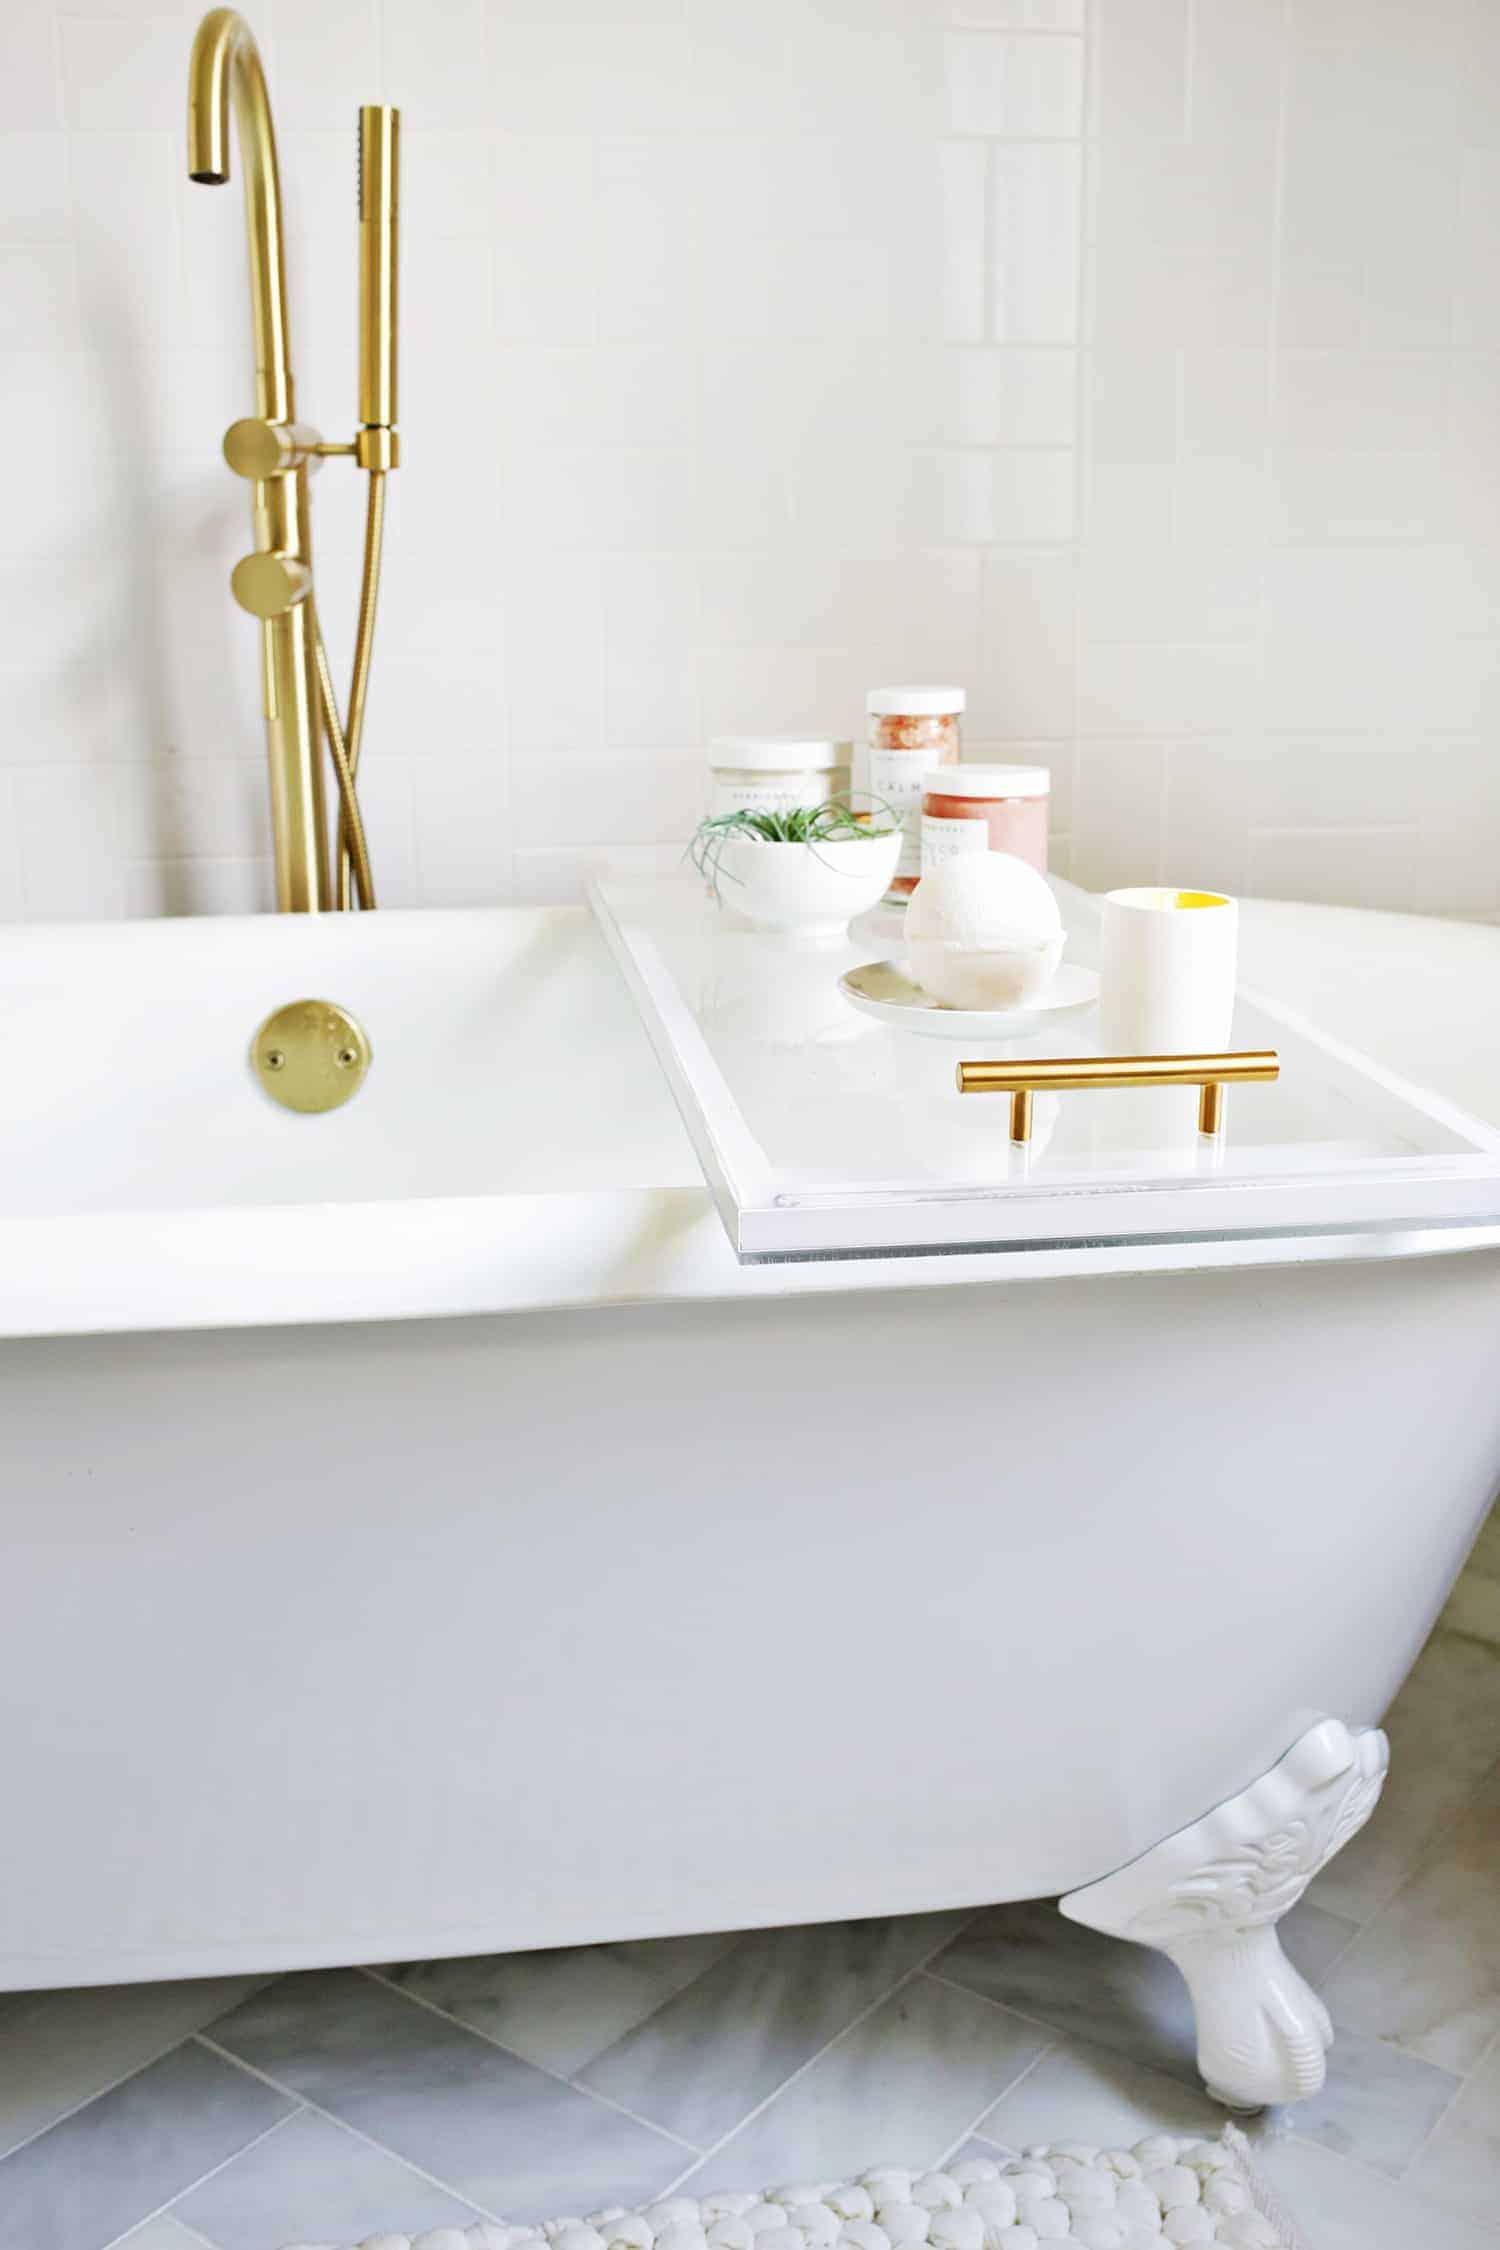 Clear Lucite DIY Bath Caddy